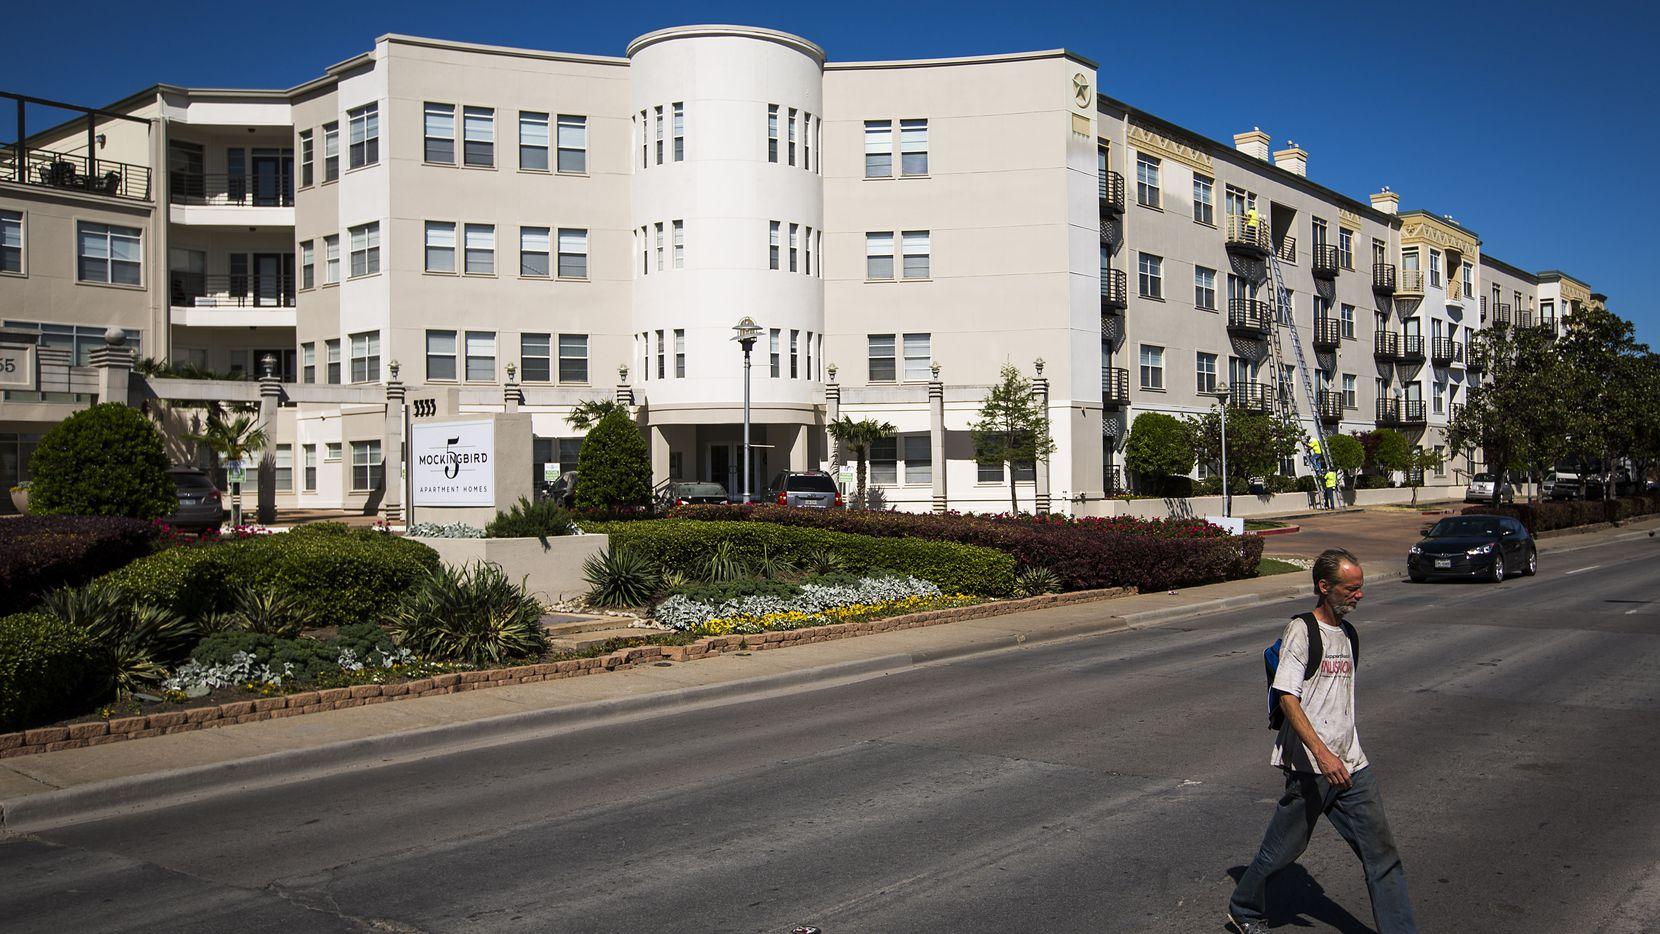 Complejo de apartamentos sobre Mockingbird Lane, en Dallas, cerca de donde un hombre halló un cuerpo.